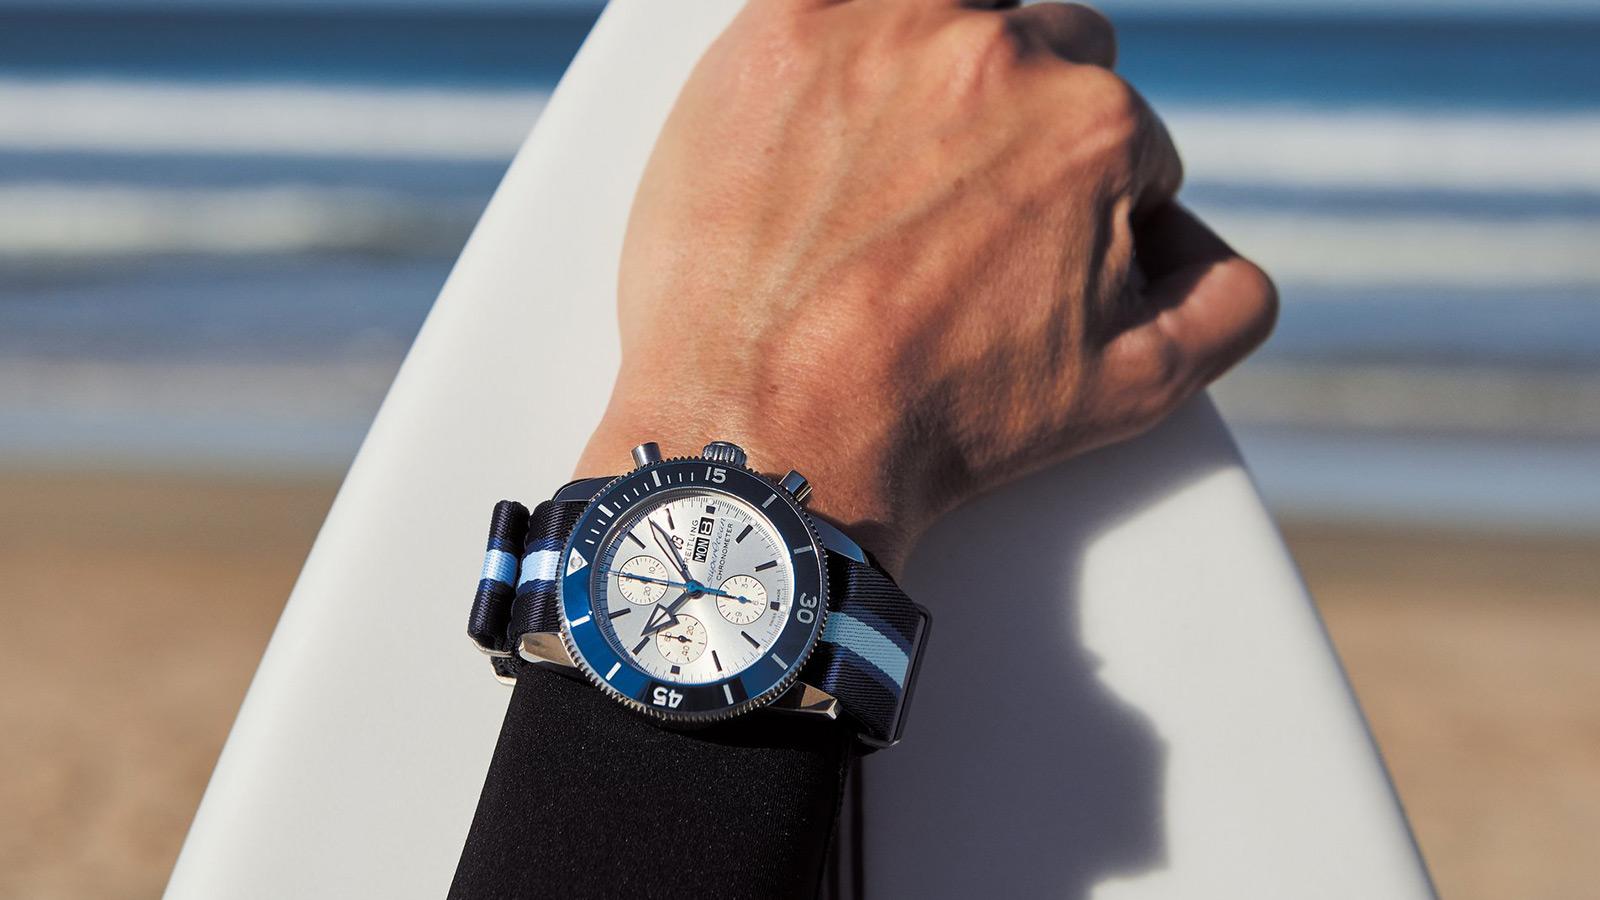 Breitling Superocean Heritage Ocean Conservancy